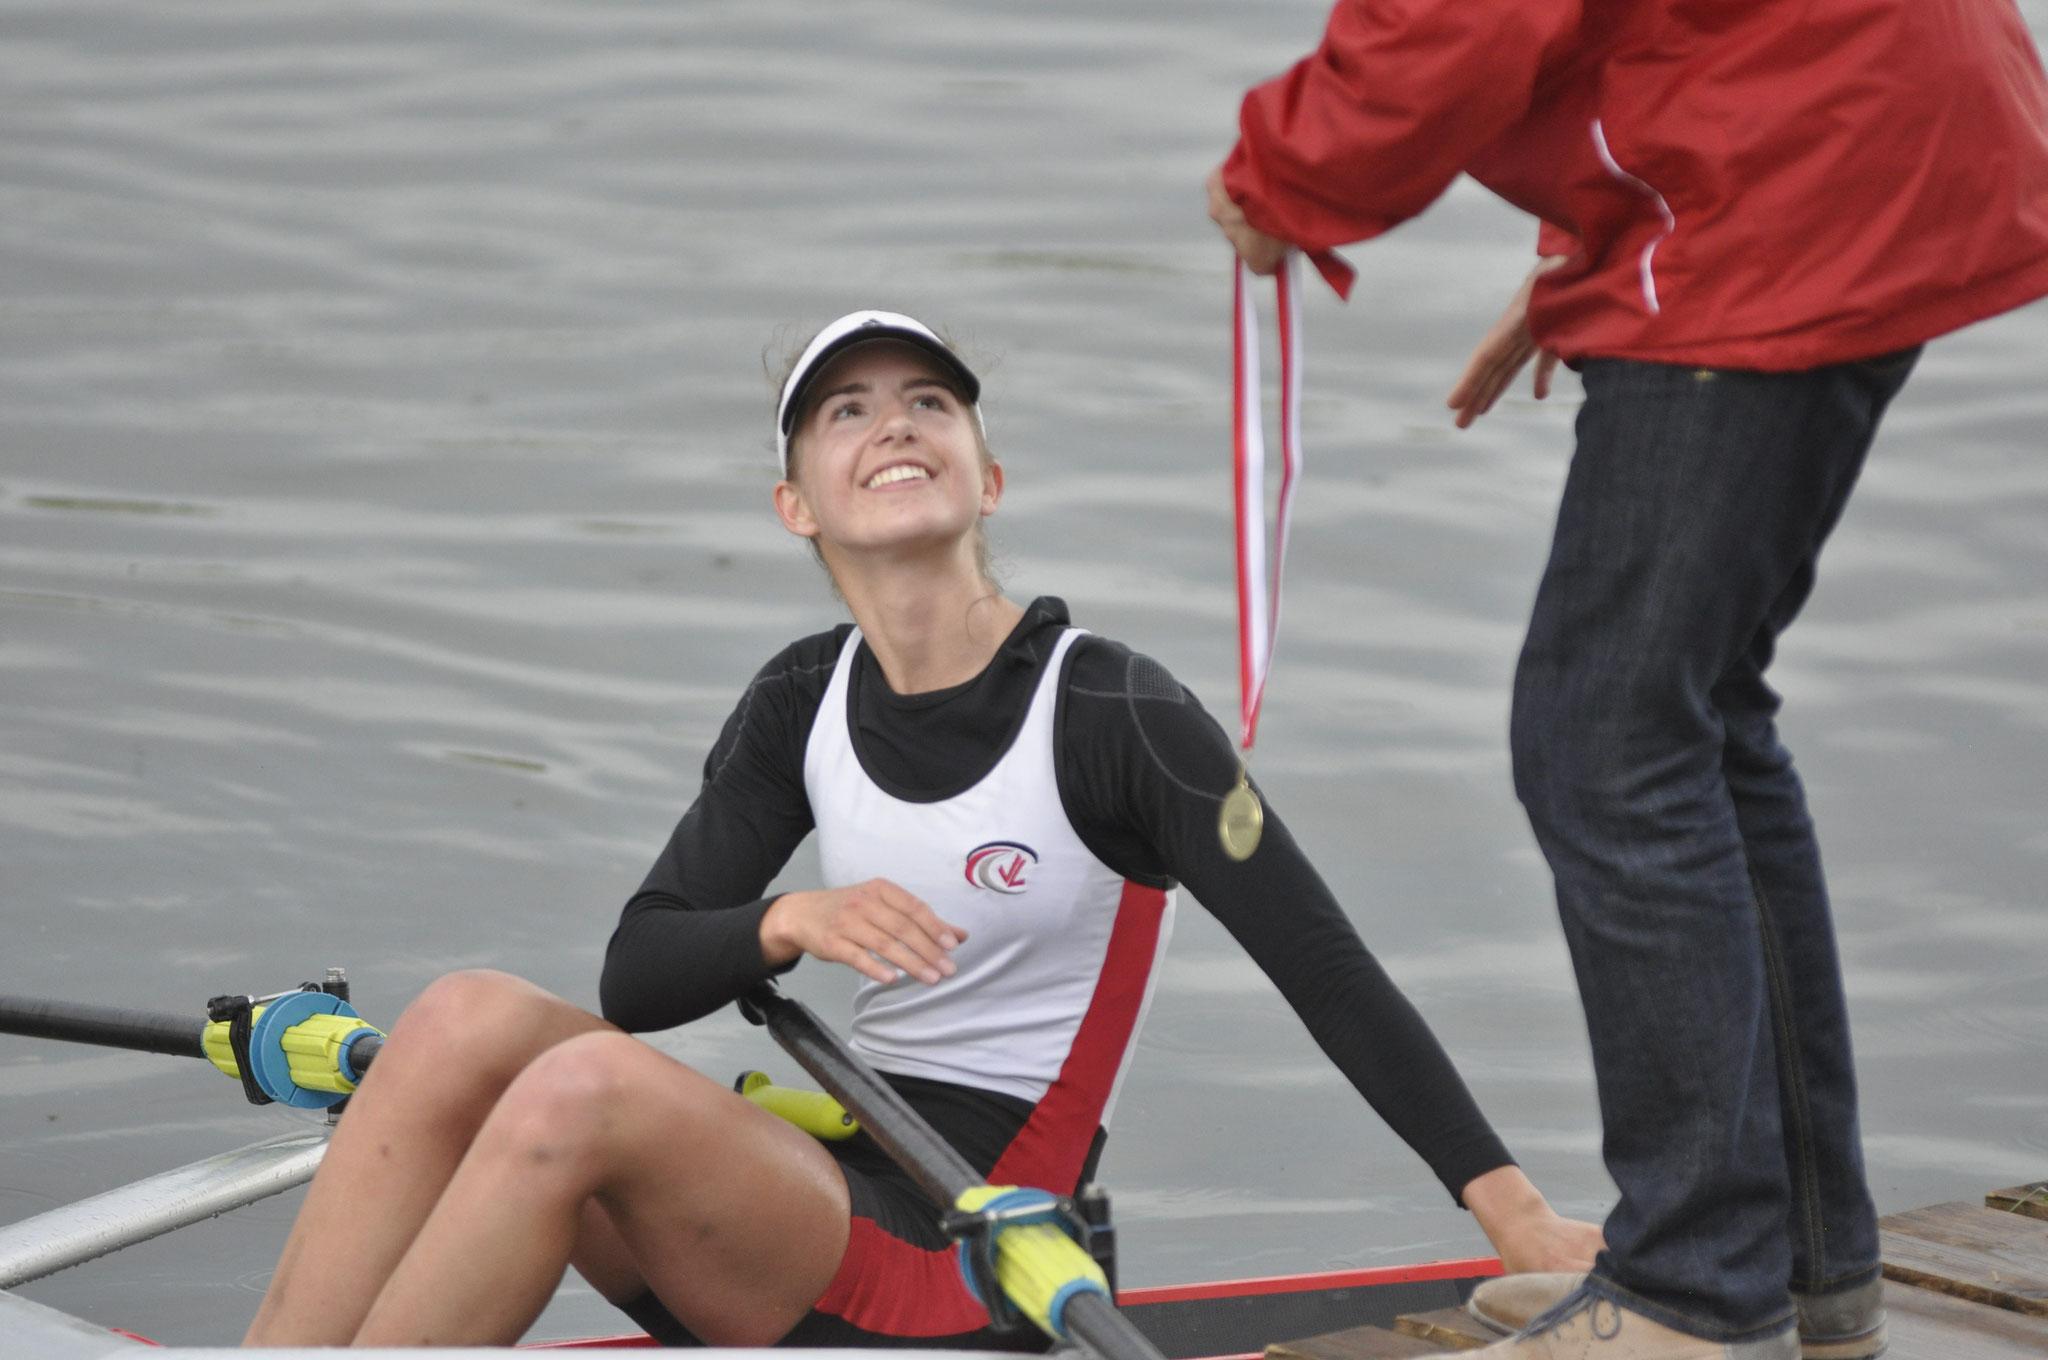 Luisa Birker 2 fach Siegerin in Bamberg bie den Juniorinnen  A Leichtgewicht und schwer